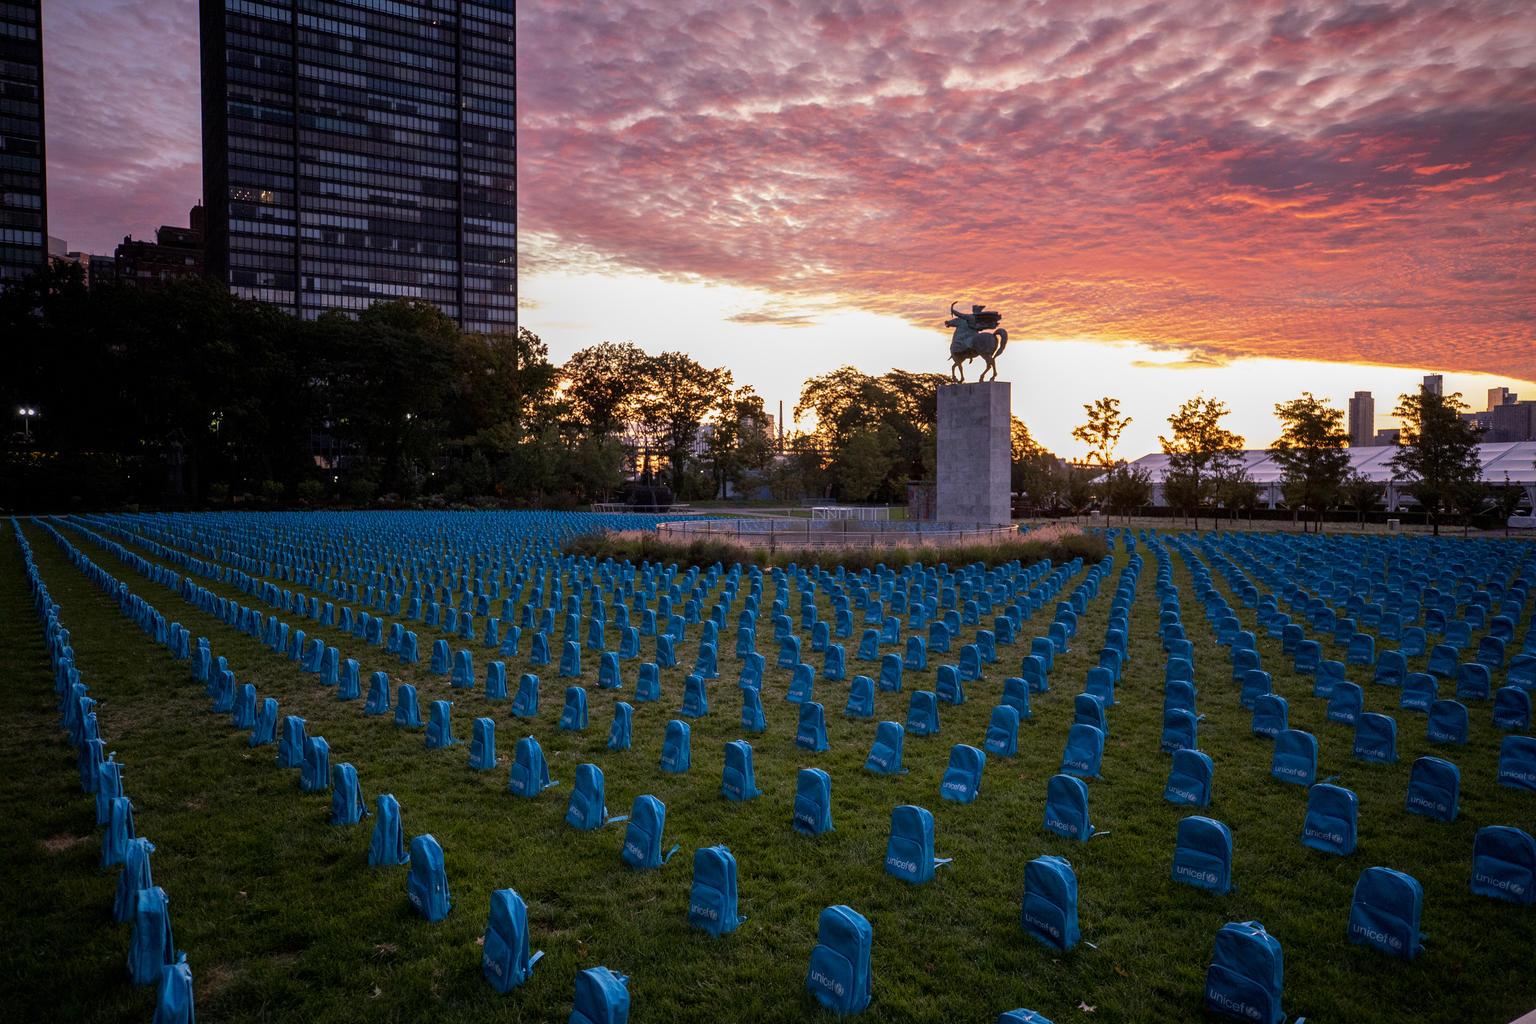 Błękitne plecaki z logo UNICEF, ustawione rzędami na polanie. W tle zachodzące słońce.